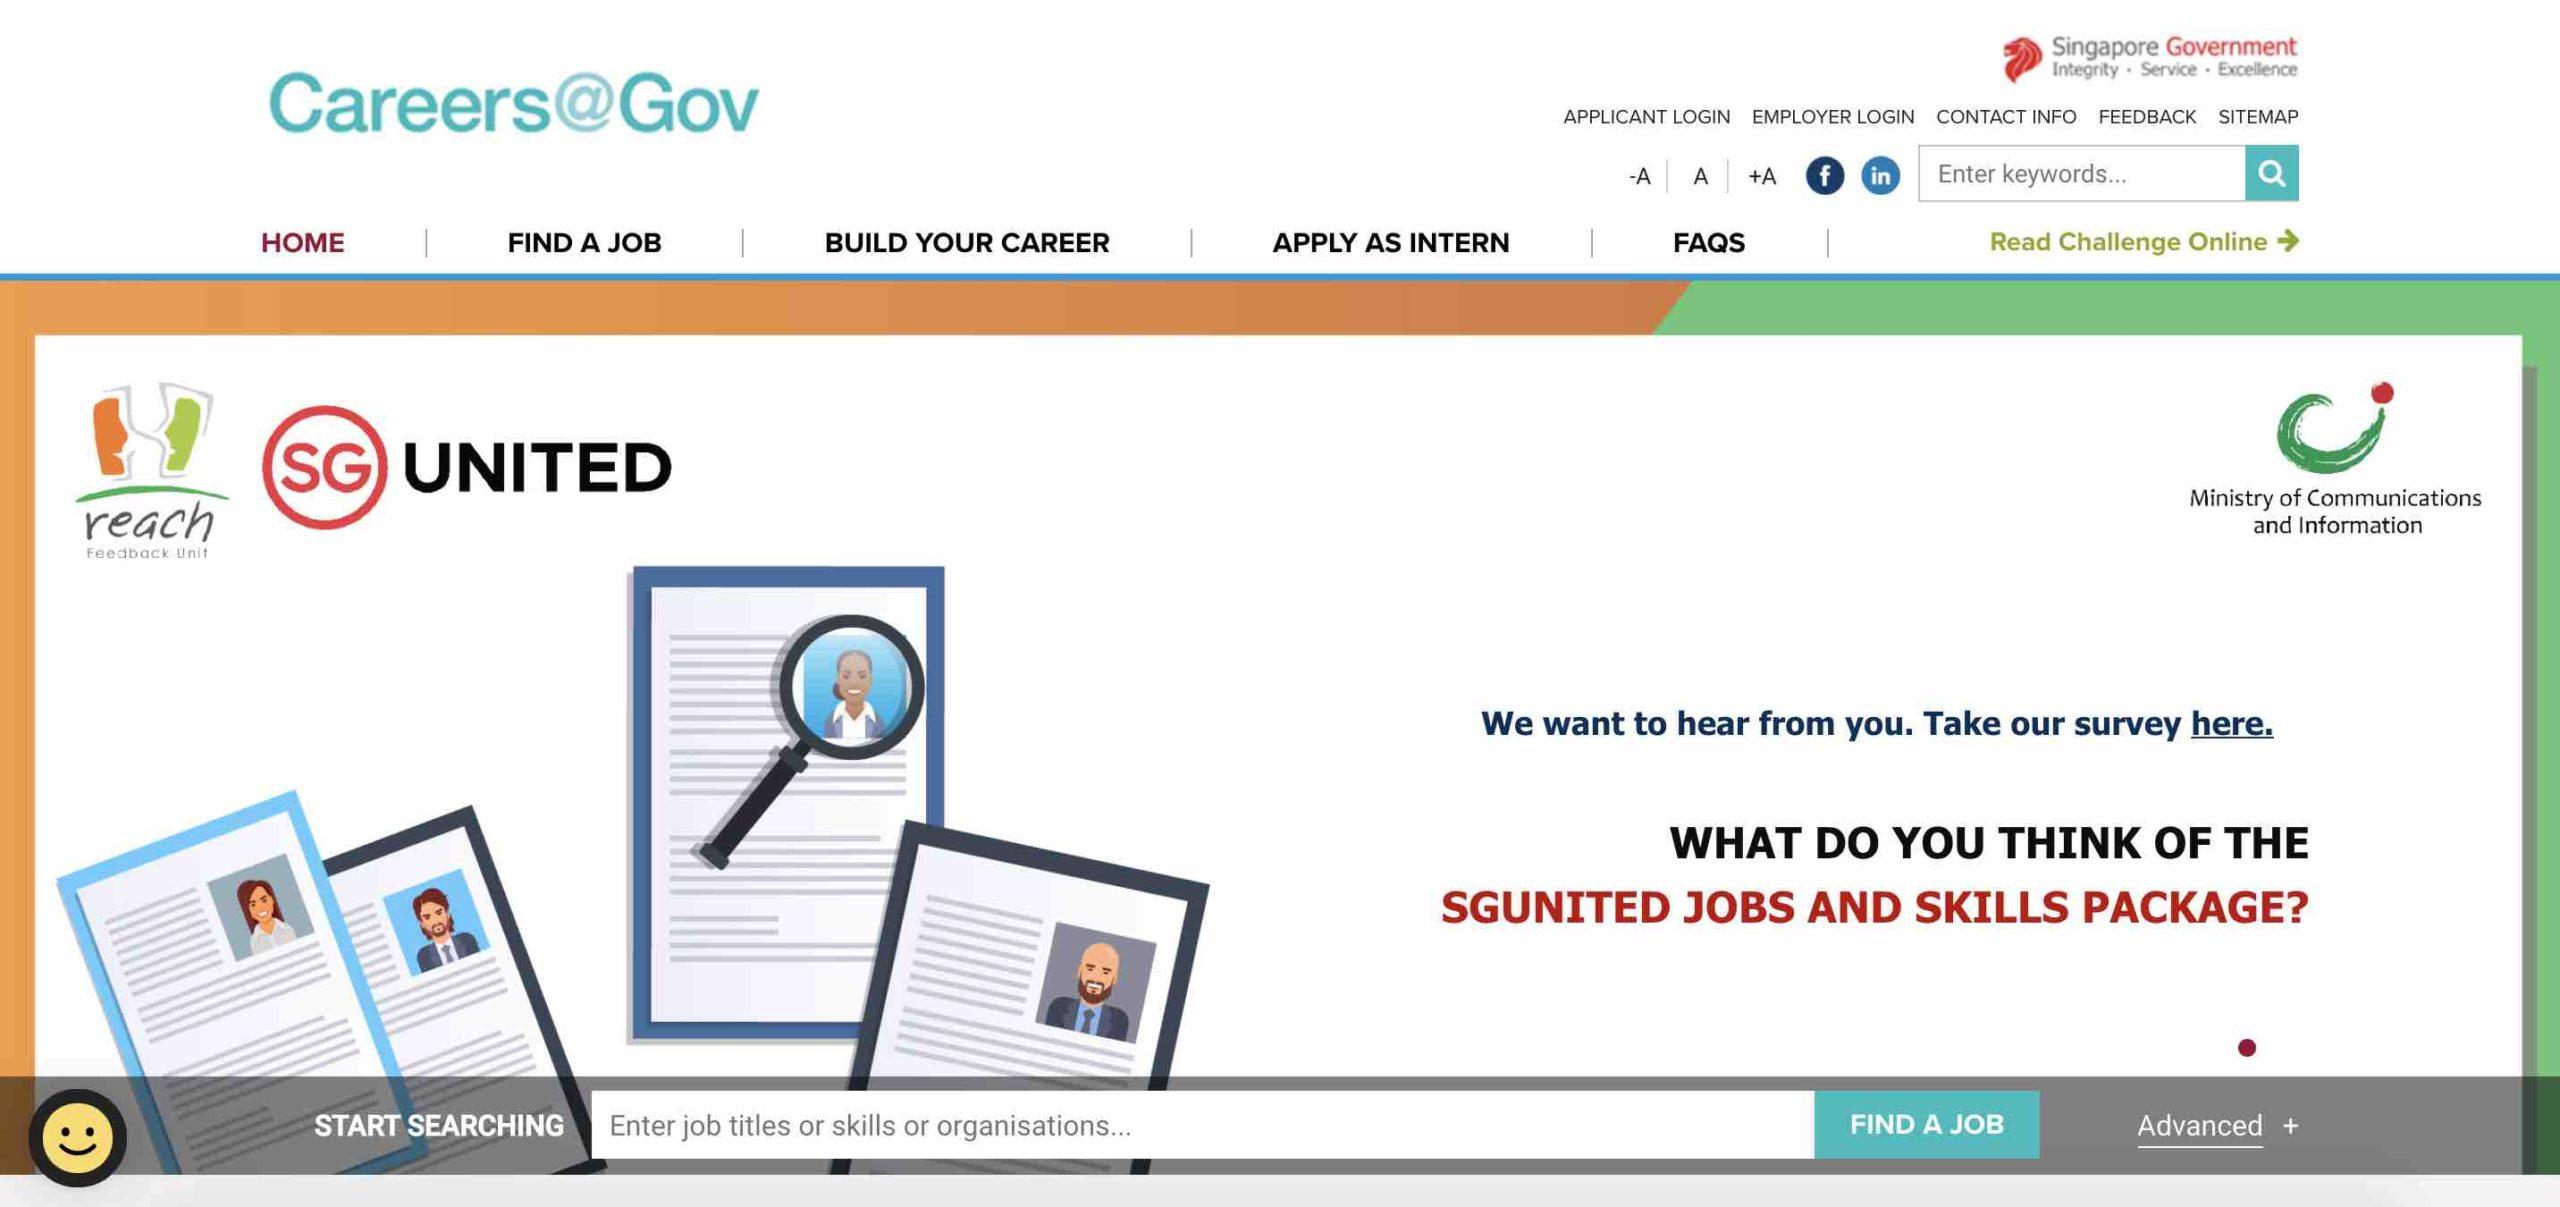 Careers@Gov